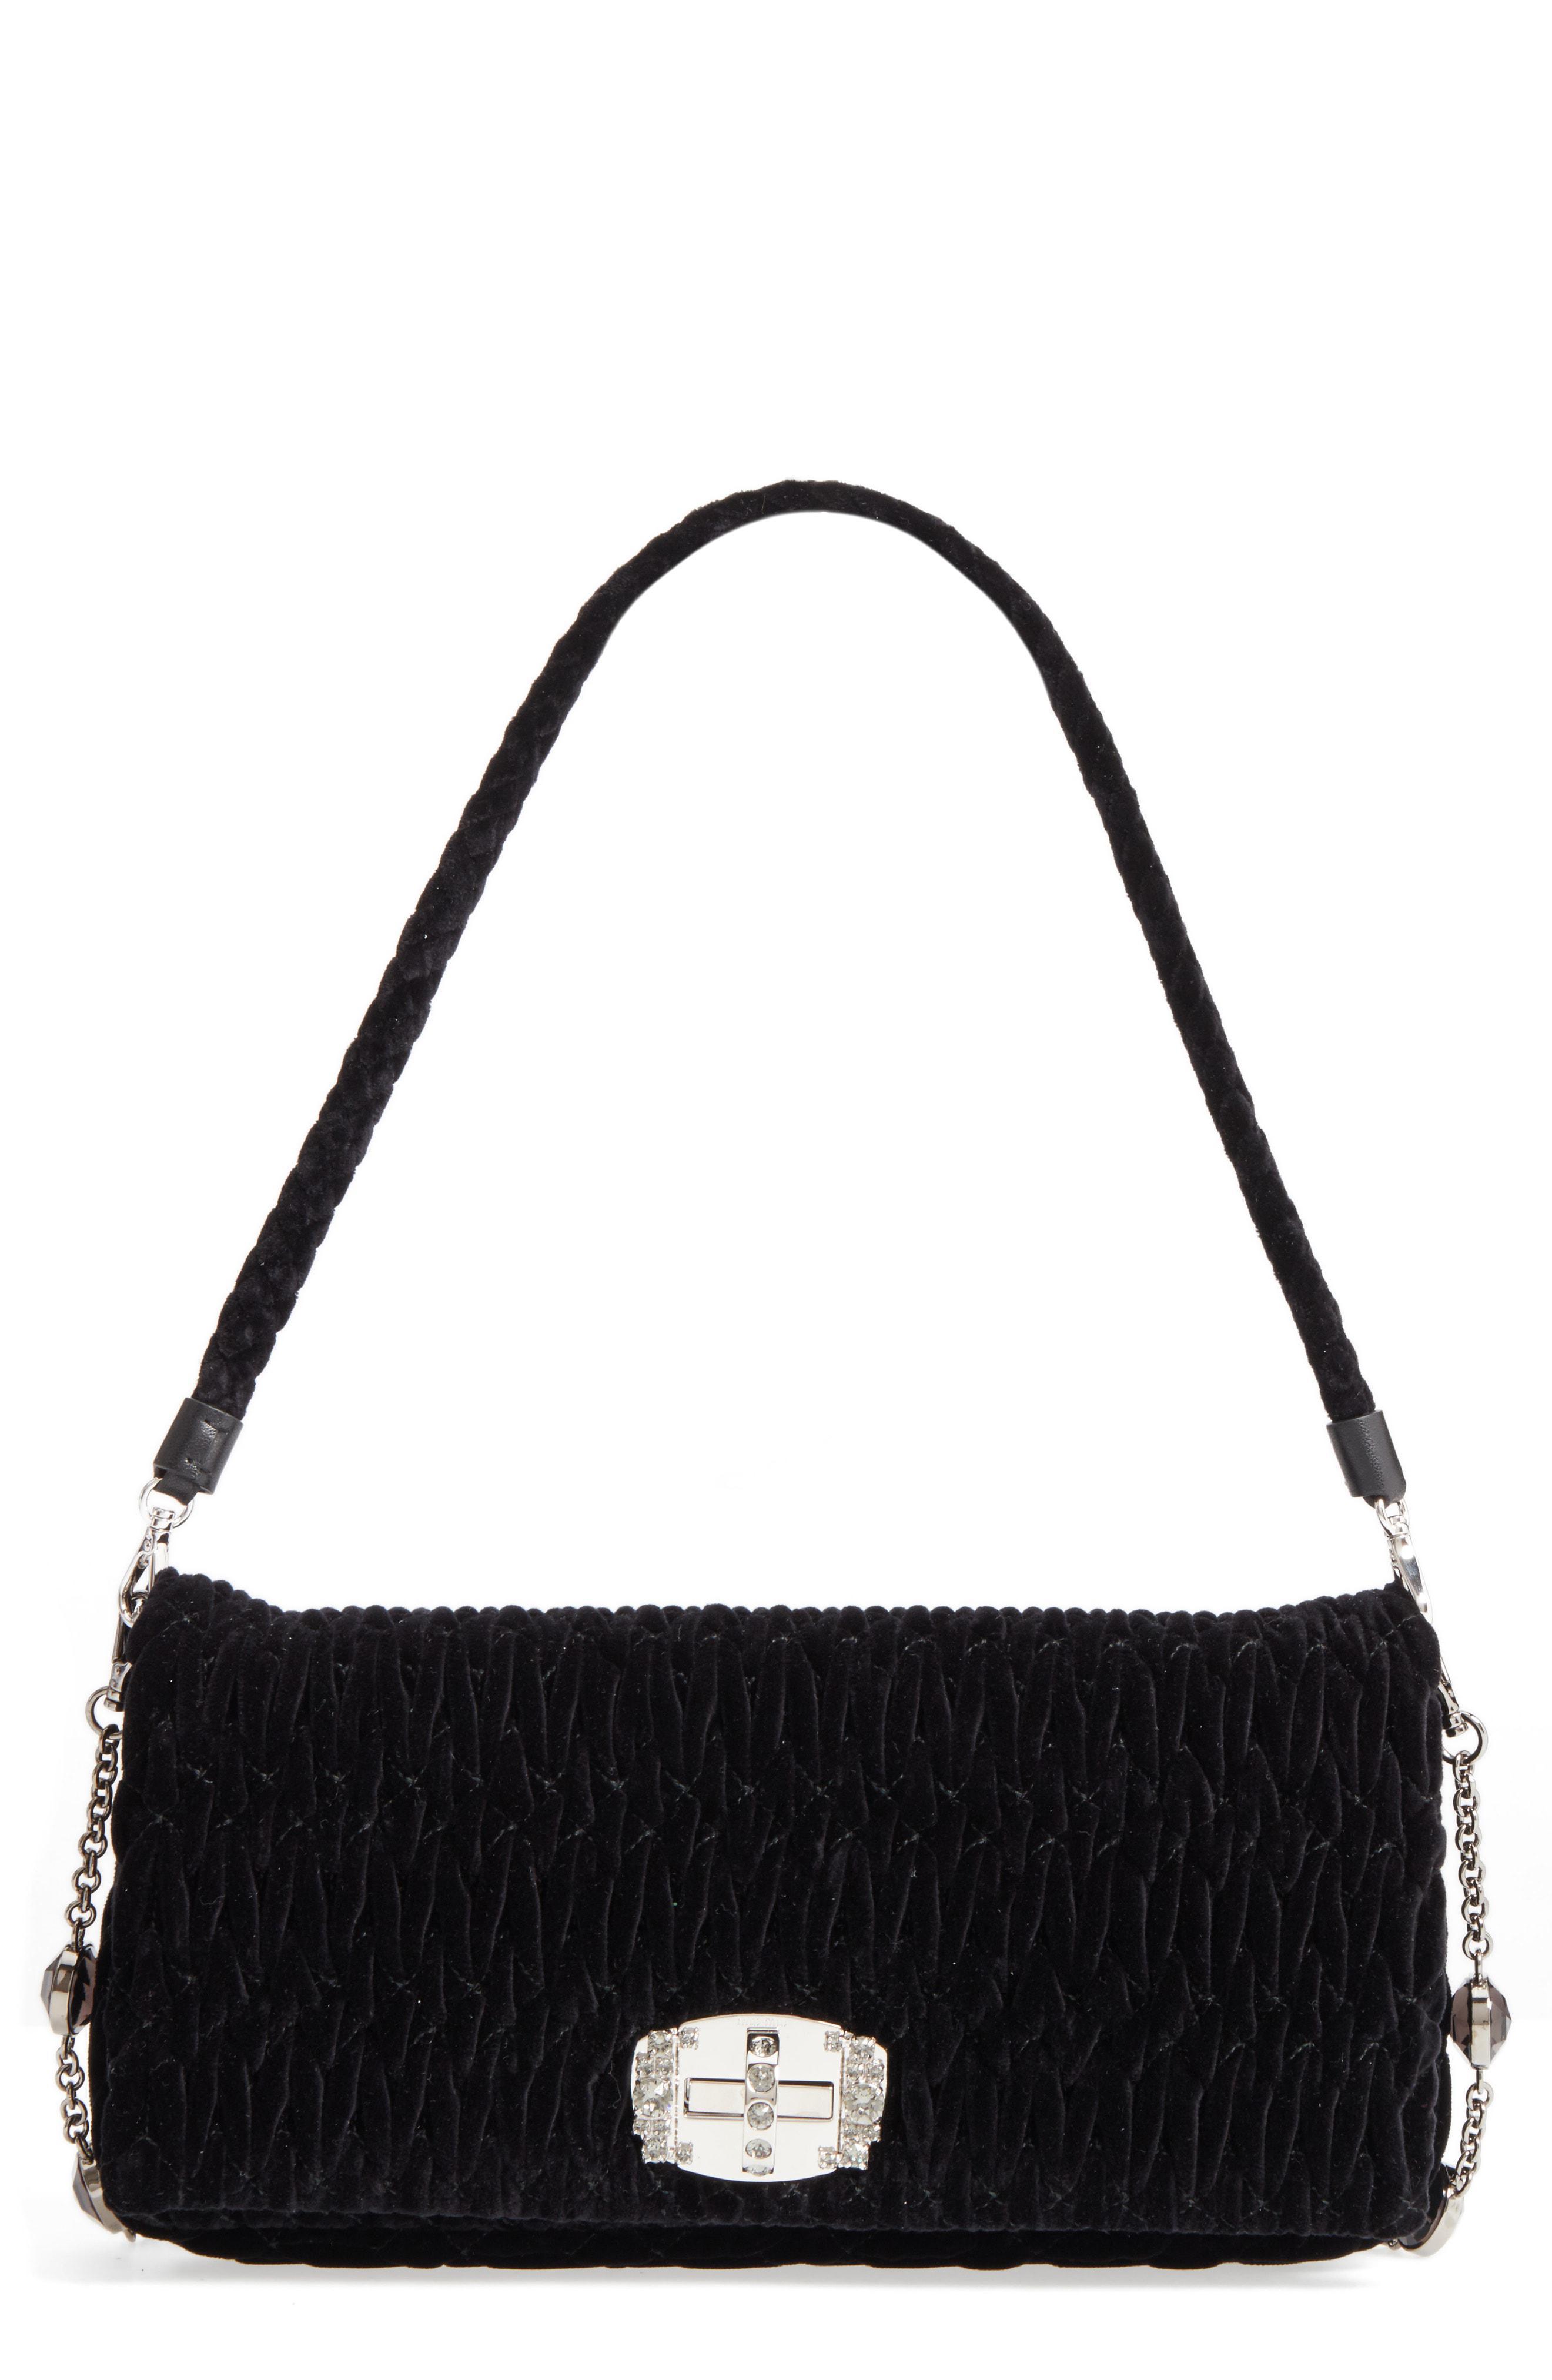 Lyst - Miu Miu Medium Embellished Velvet Shoulder Bag in Red - Save 33% 771d930d83d35